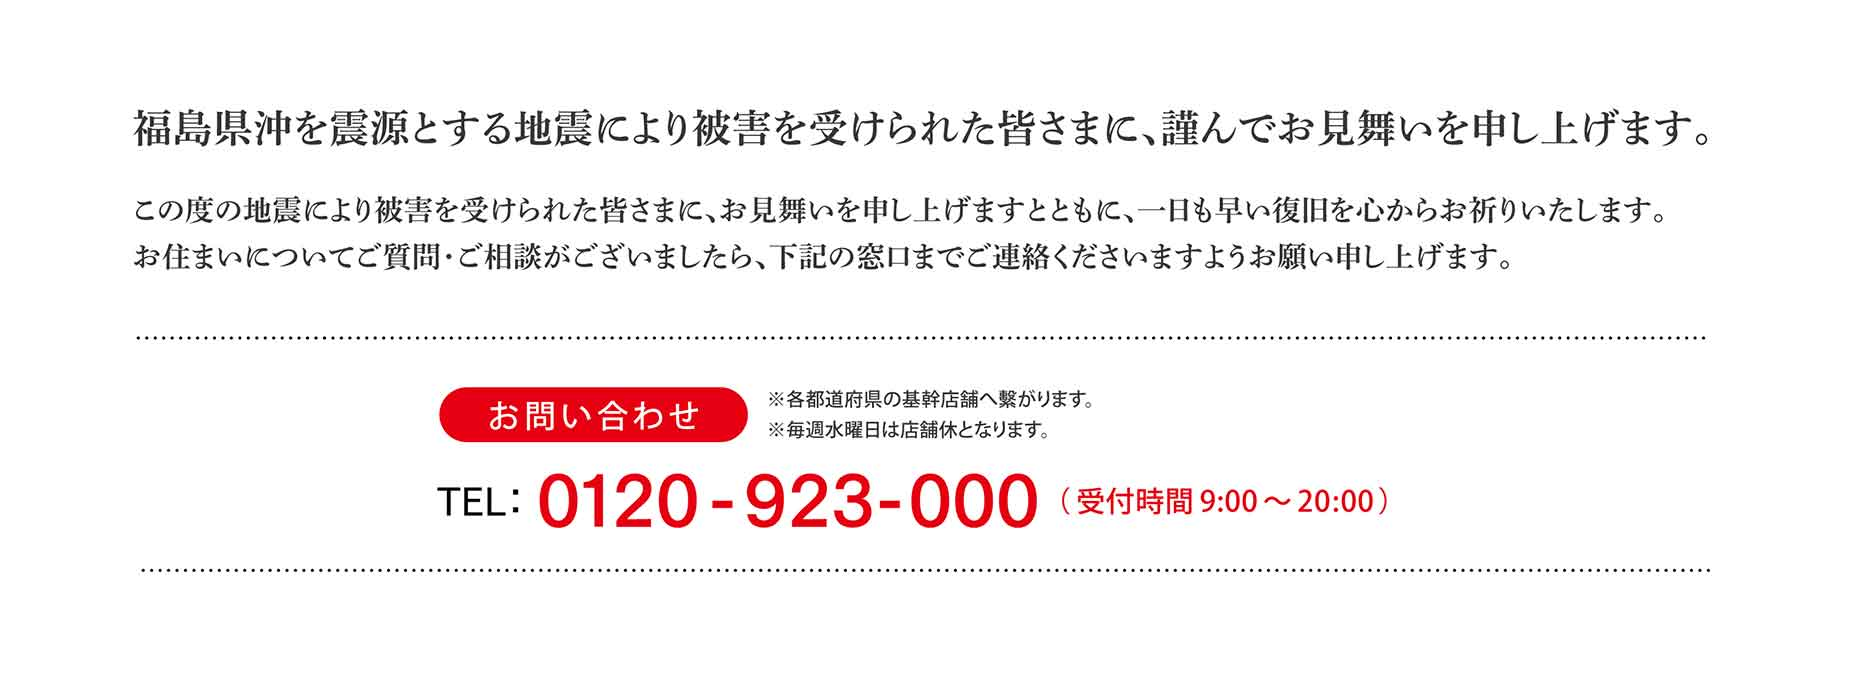 令和3年2月 福島県沖を震源とする地震により被害を受けられた皆様へ